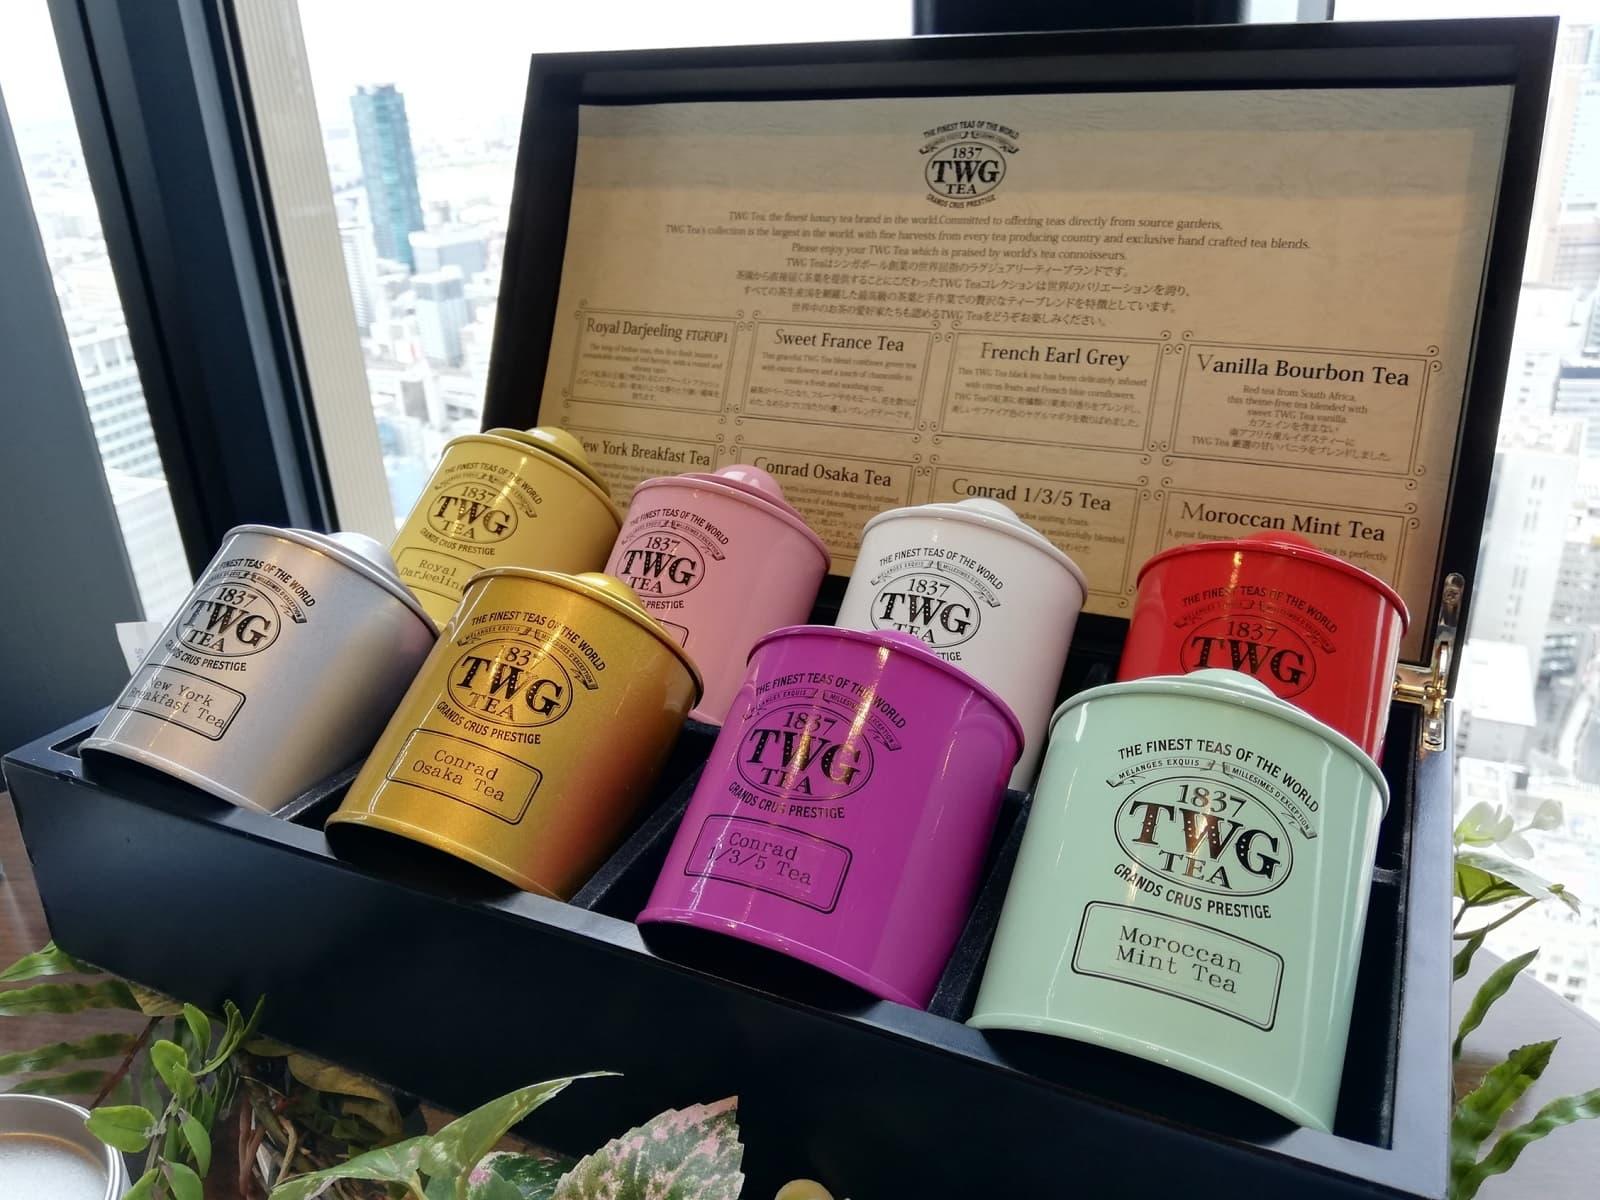 TWG Teaブランドの紅茶